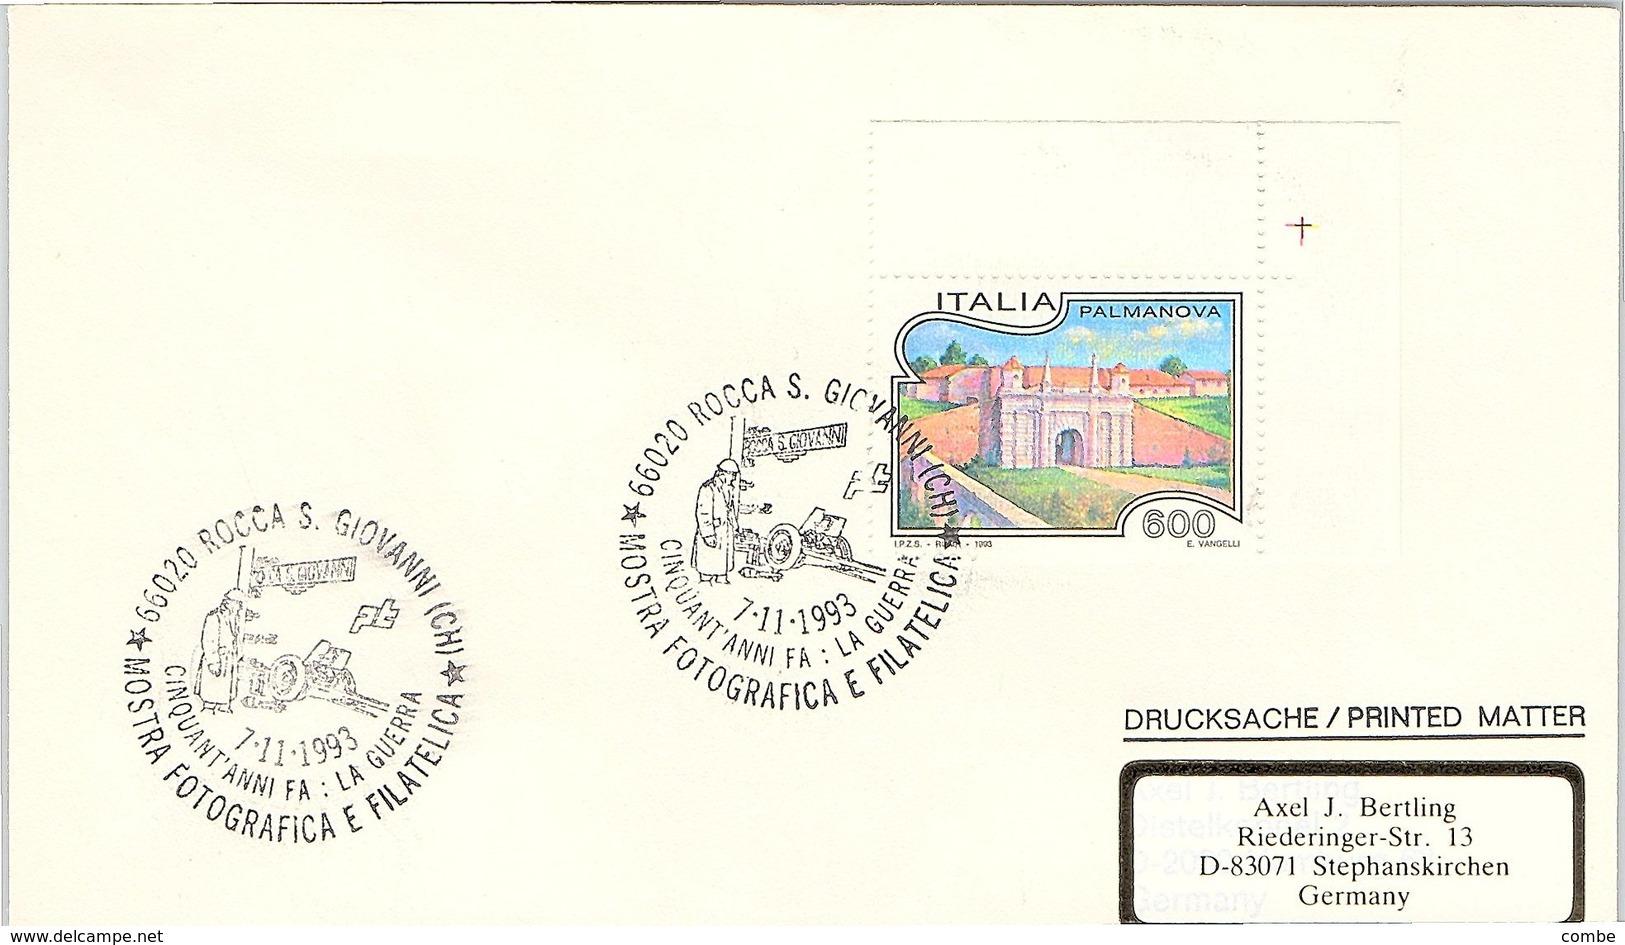 ITALIA.  MOSTRA FOTOGRAFICA E FILZTELICA  ROCCA S. GIOVANNI 1993 - Seconda Guerra Mondiale